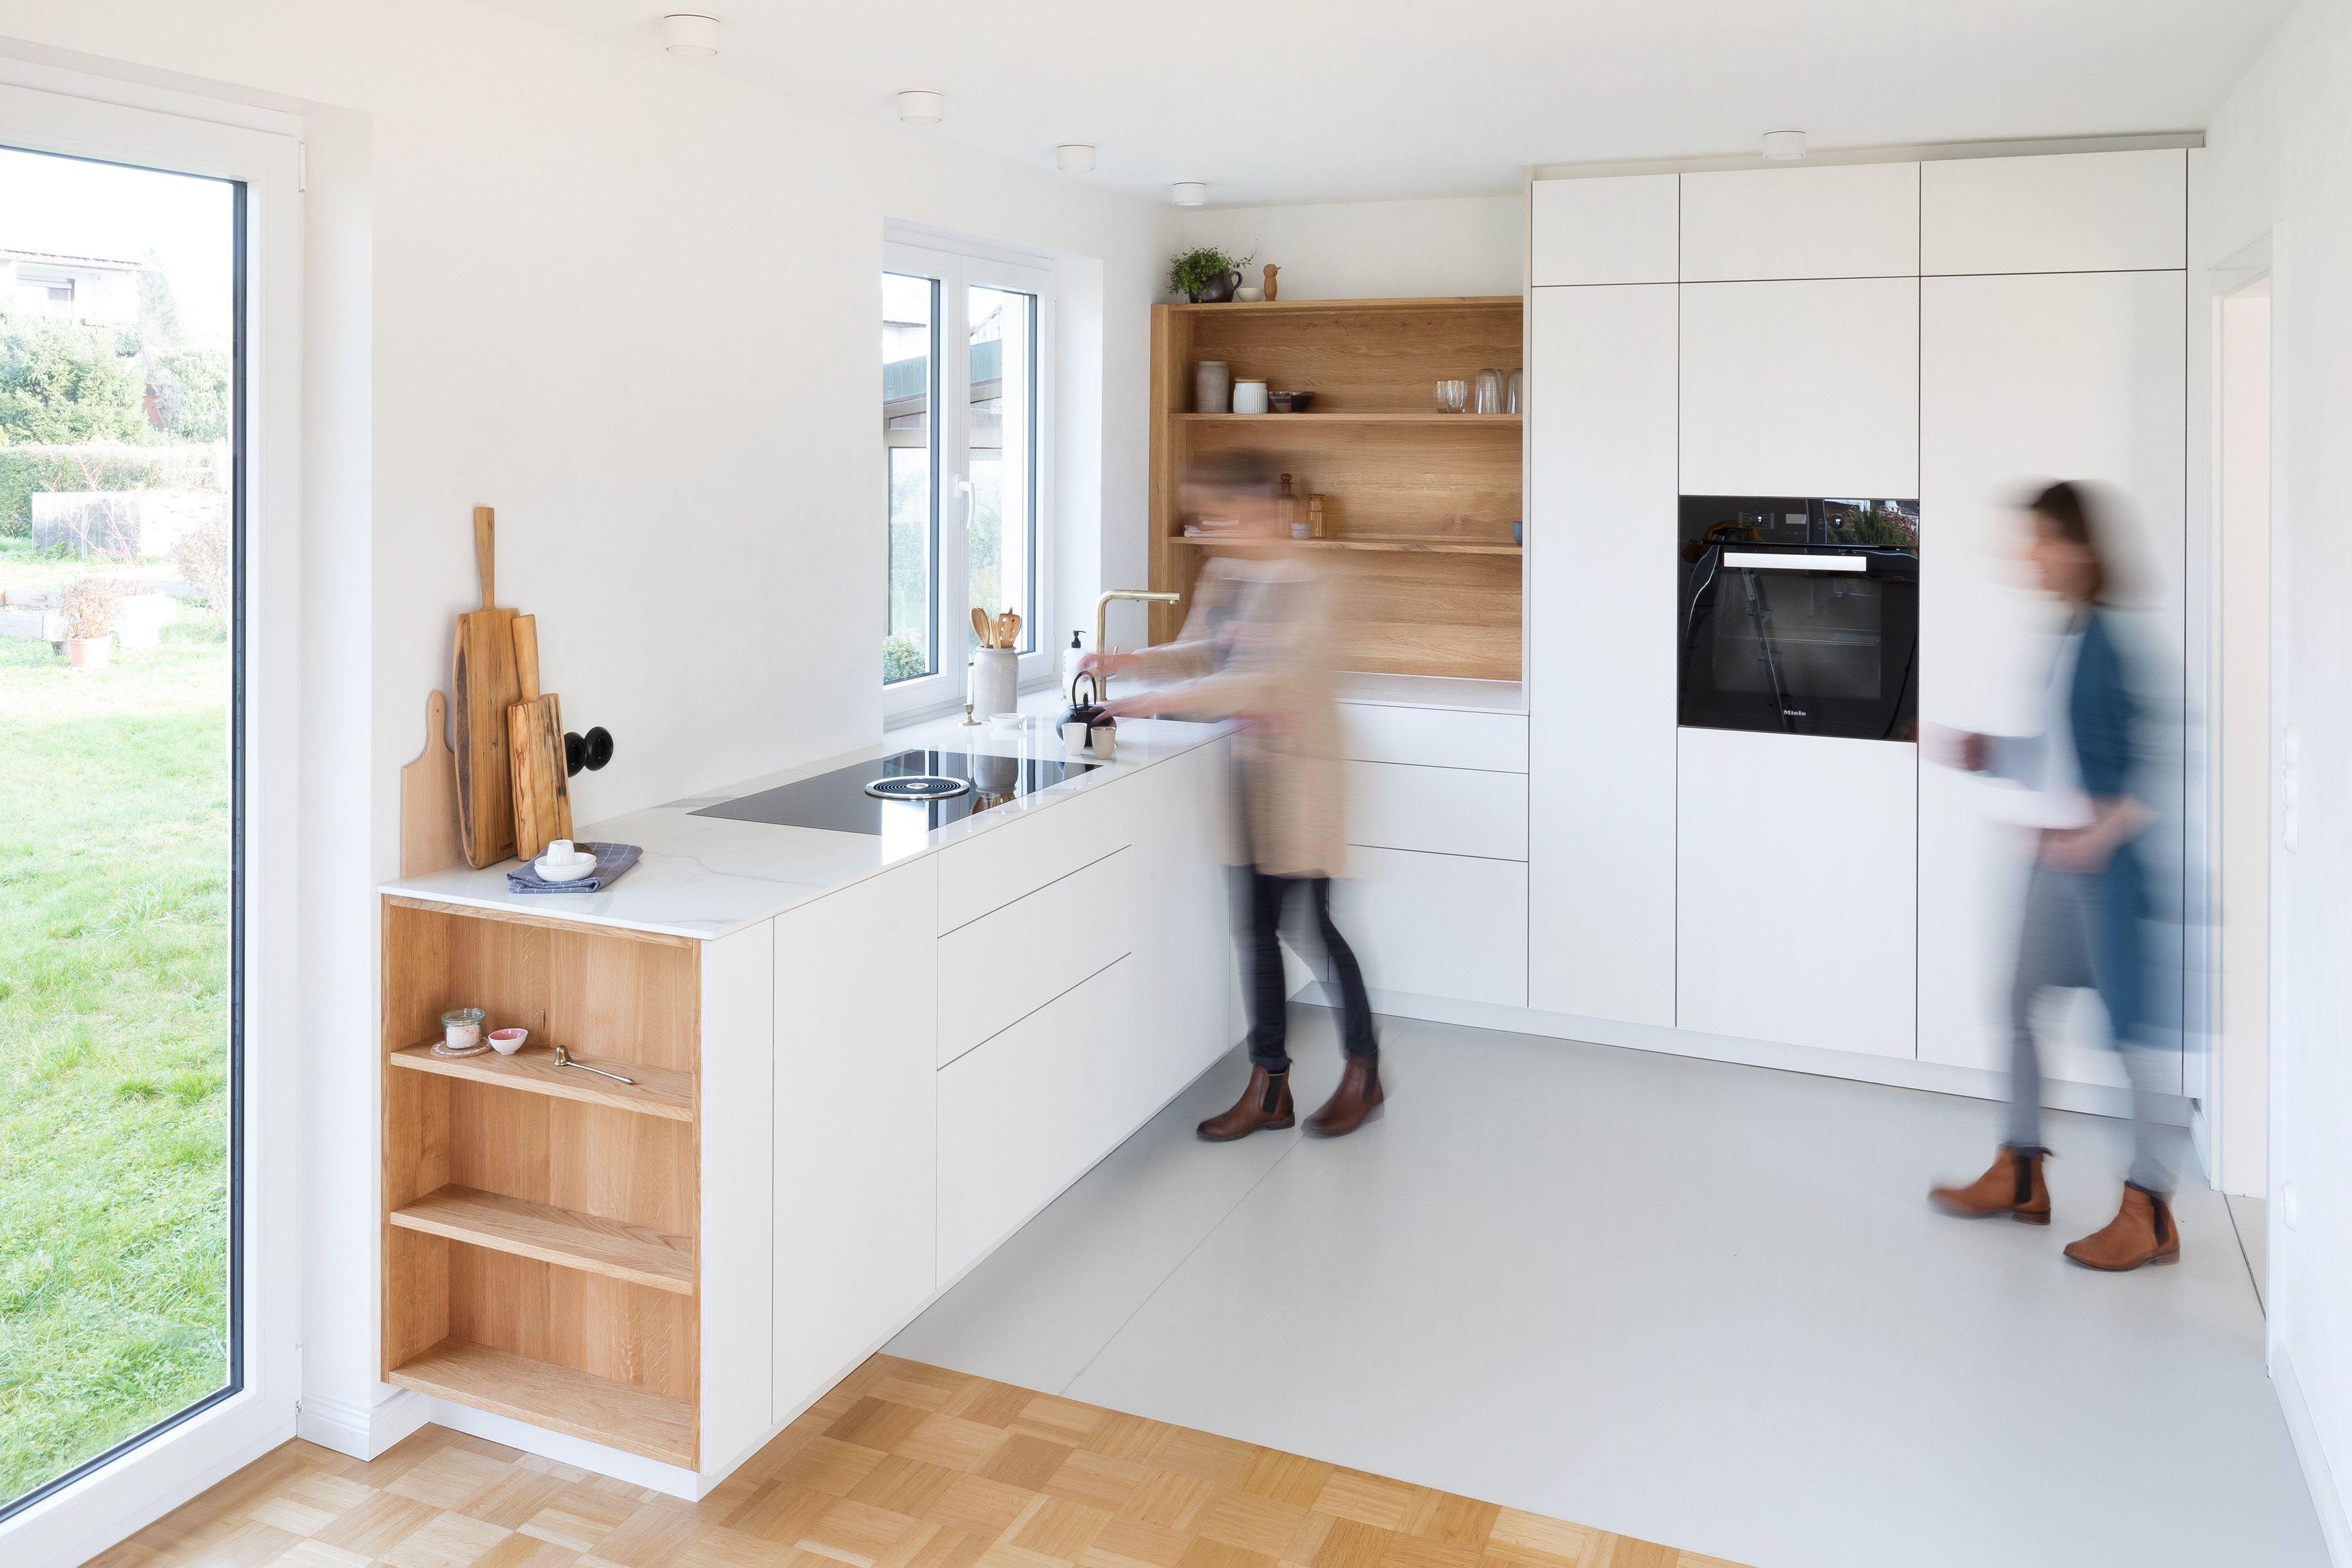 Modernes Wohnen Massgefertigt Schreiner Deckenhoch Design Clean Minimalistisch Weiss In 2020 Moderne Kuche Einbaukuche Kuche Planen